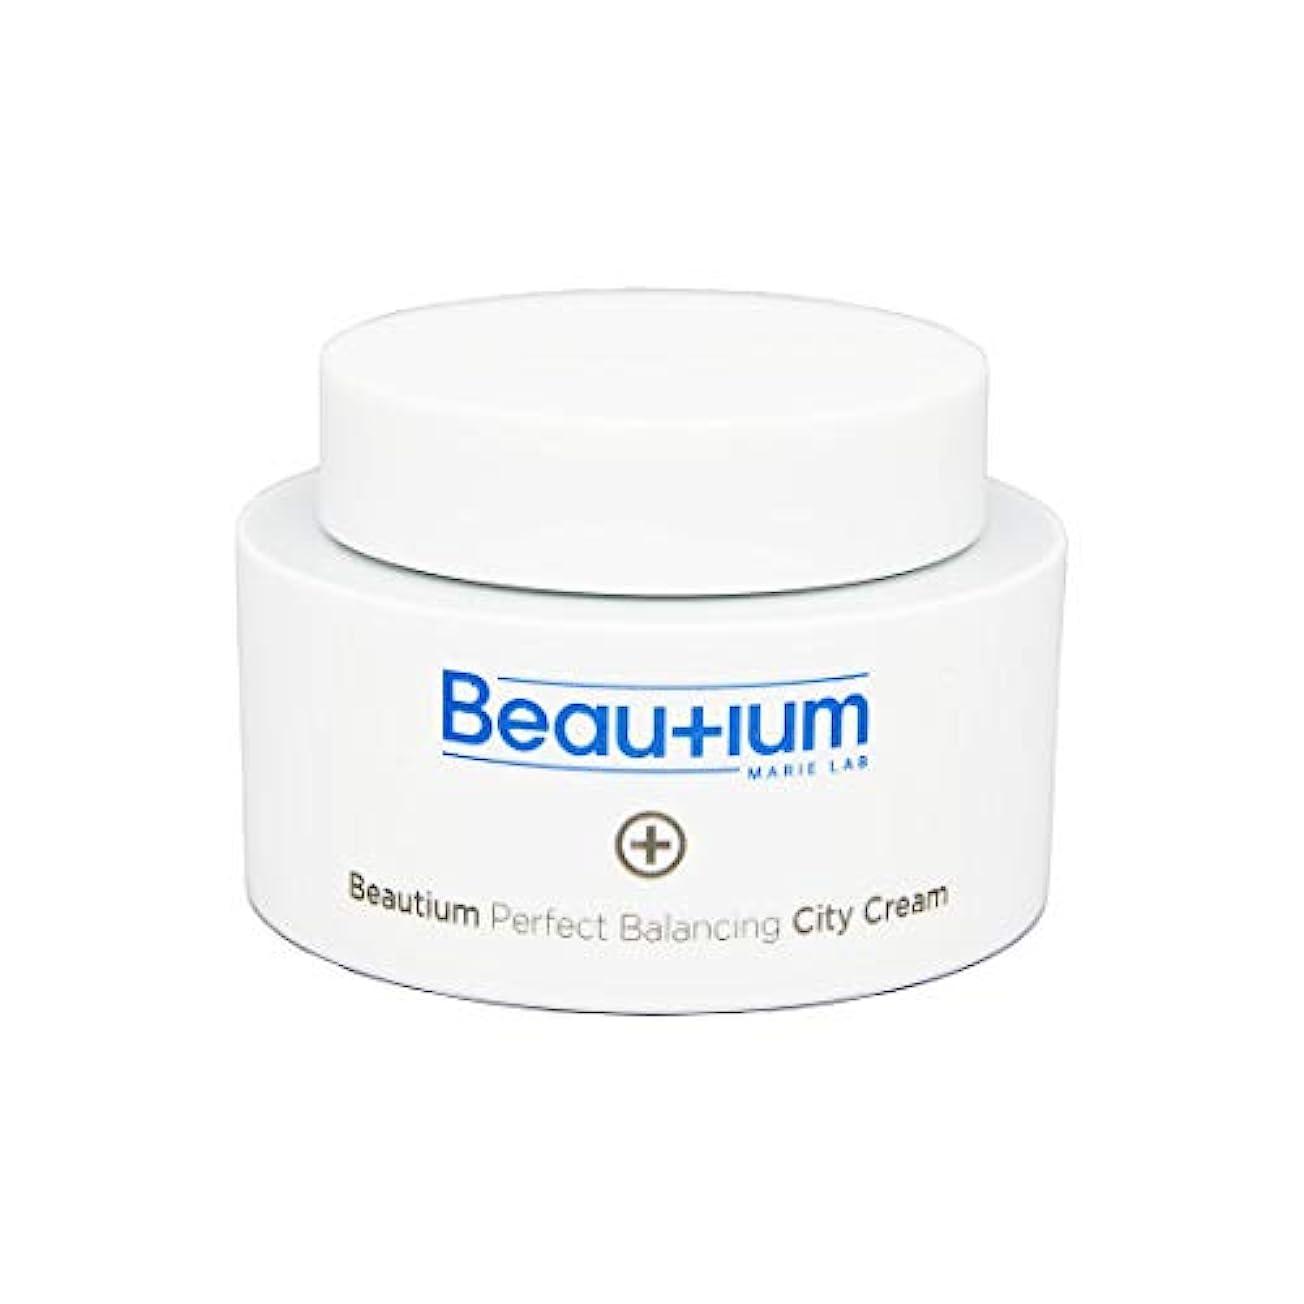 化粧はさみ回路[Beautium] 完璧な平衡都会クリーム50g白化 & 防しわ用デュアル機能化粧品 ??? ??? ?? ??